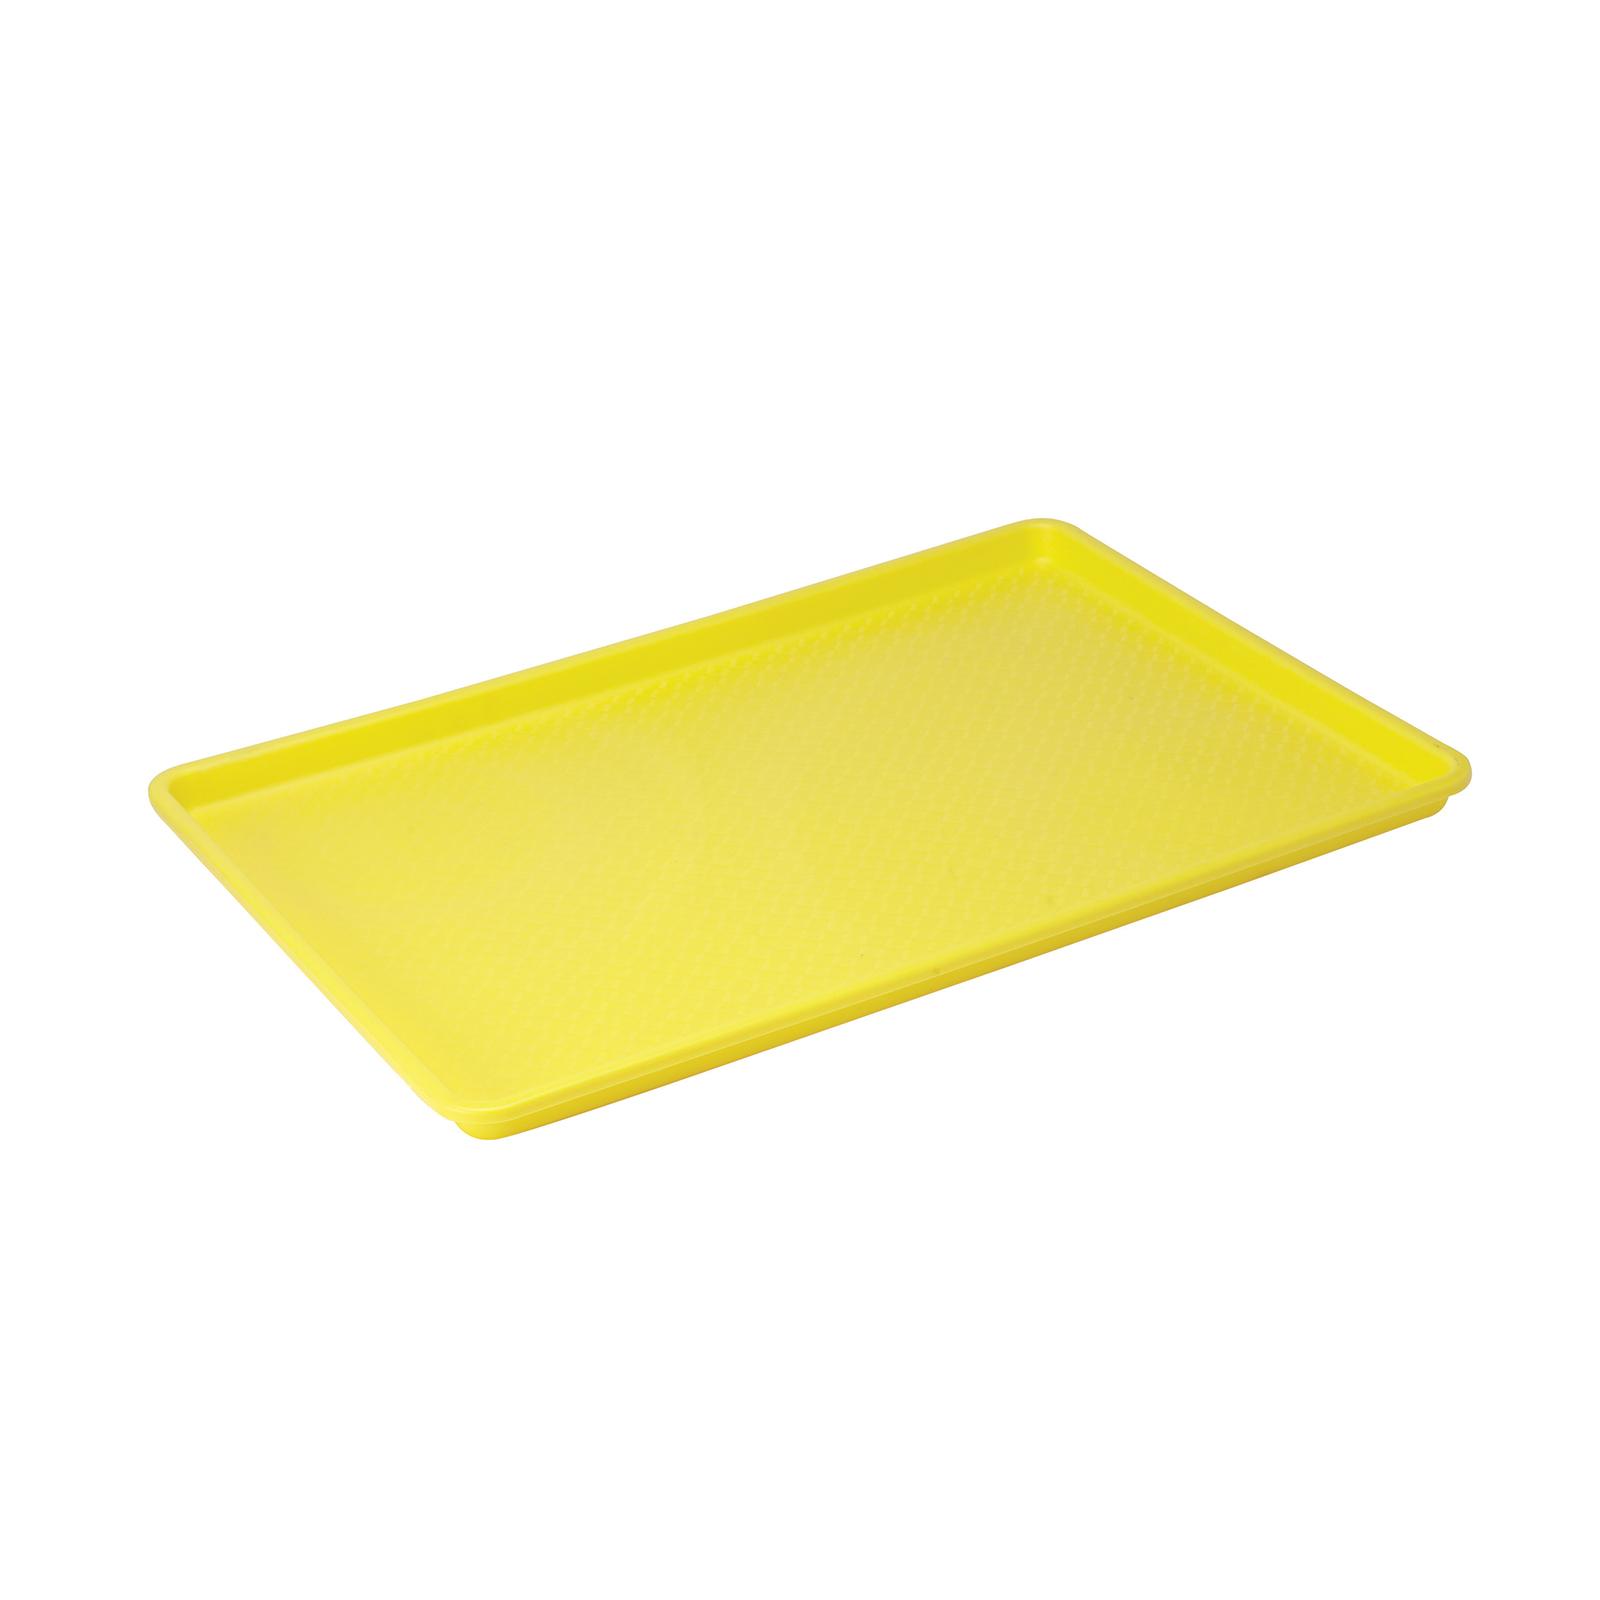 Winco FFT-1826YL tray, fast food